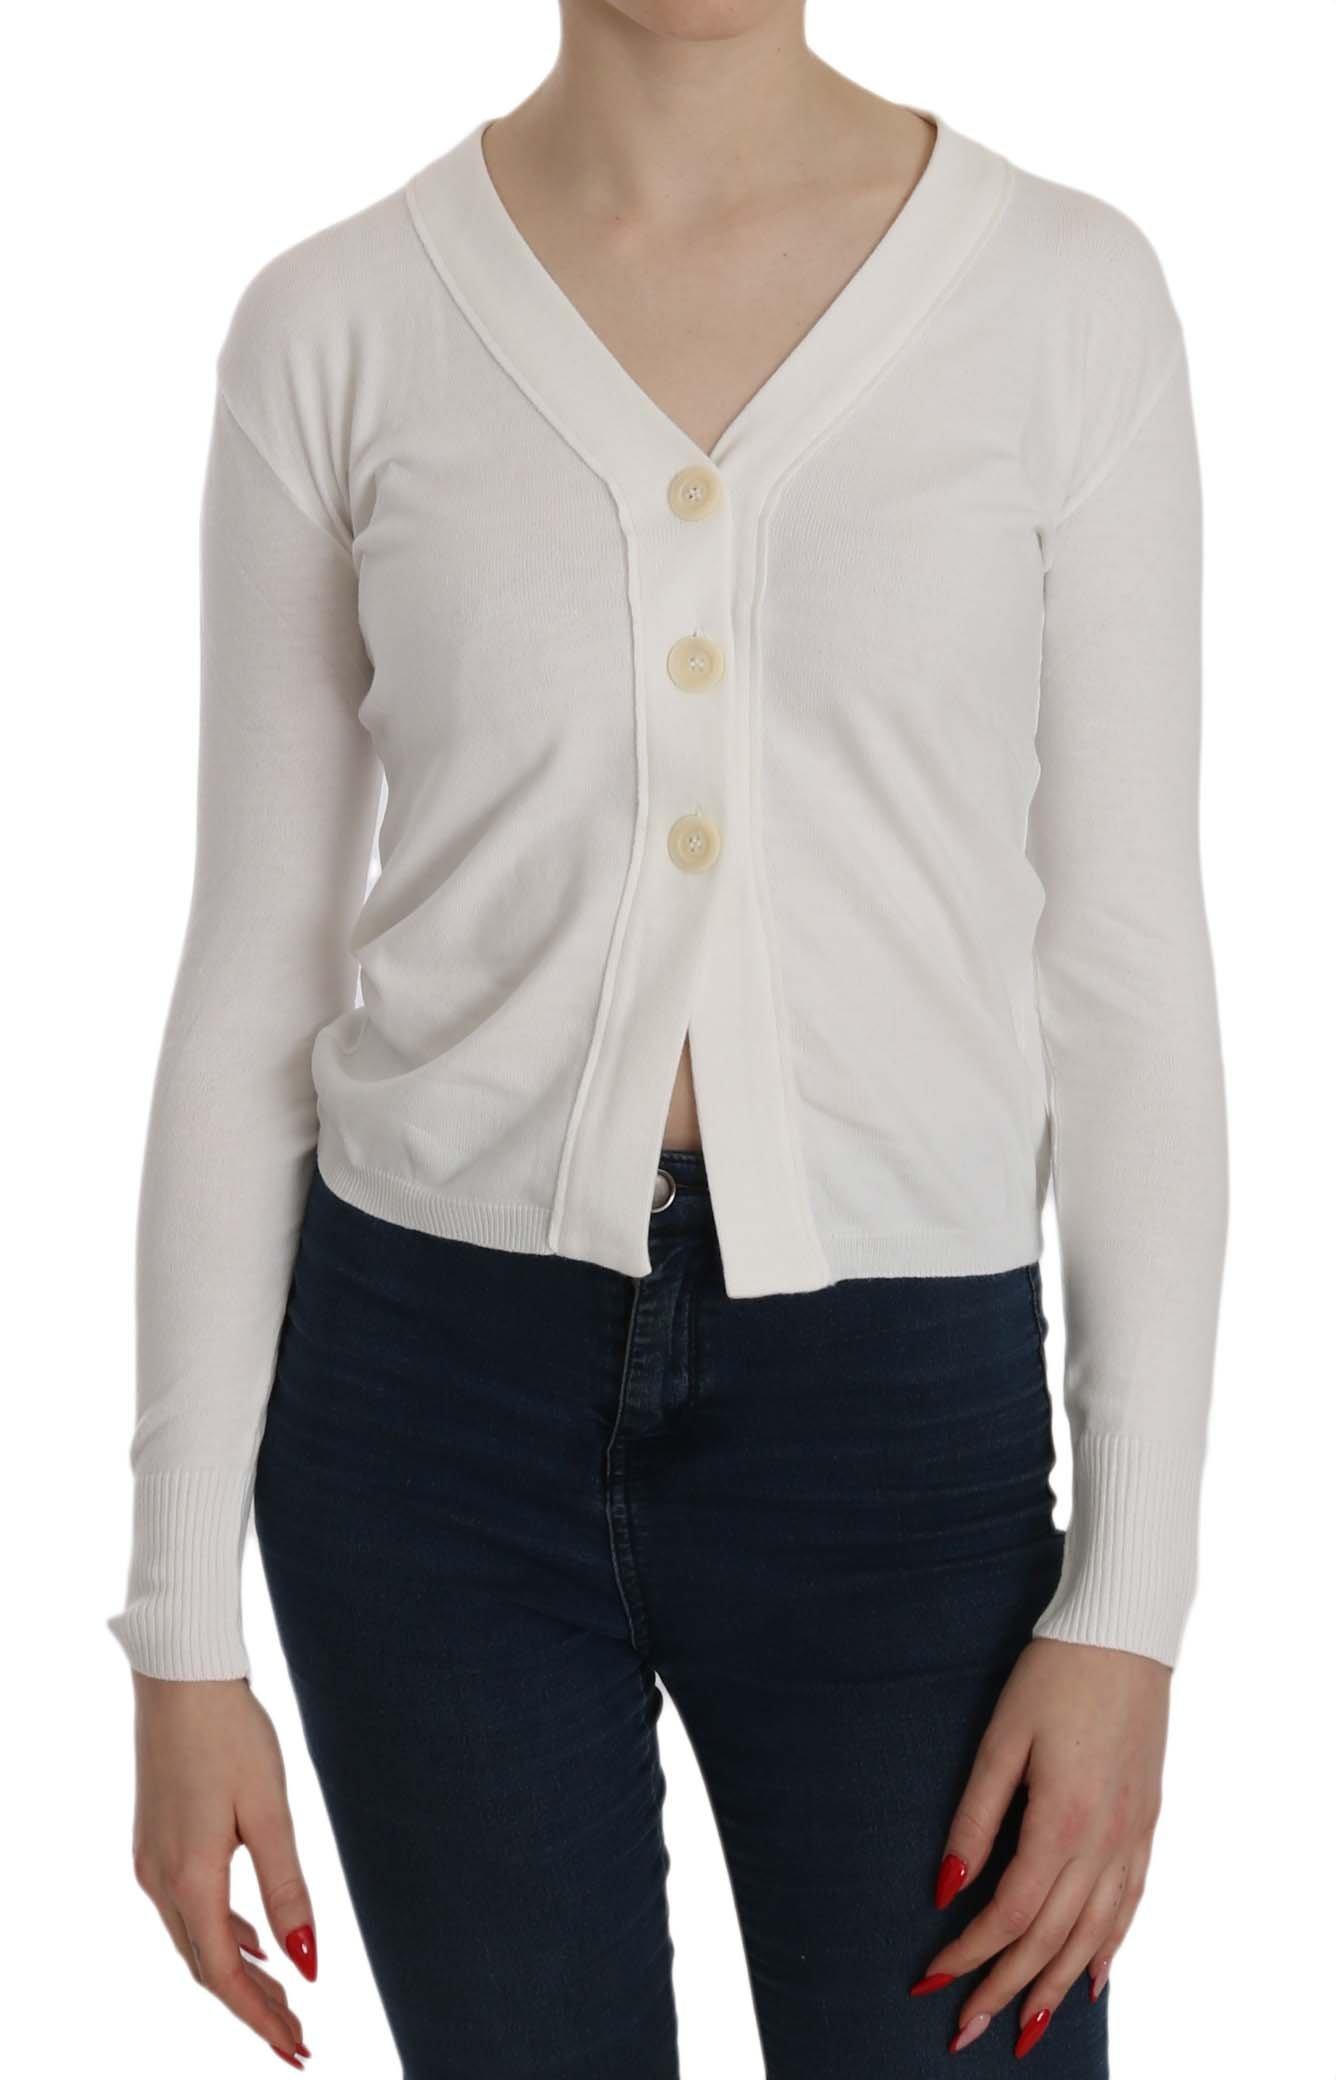 BYBLOS Women's V-neck LS Cropped Cardigan White TSH3905 - M